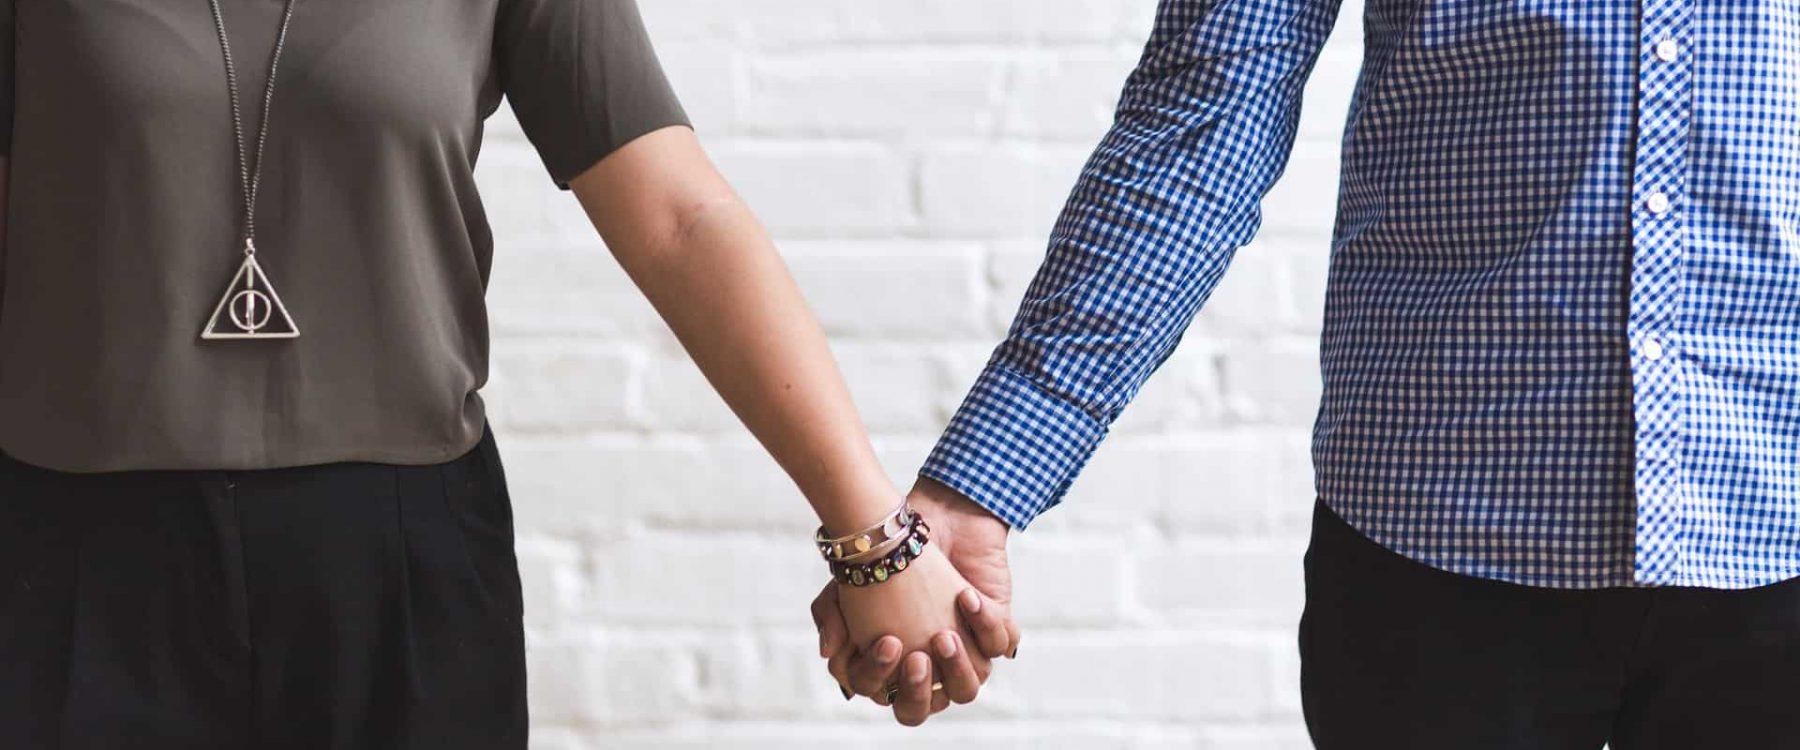 couple-2424928_1920